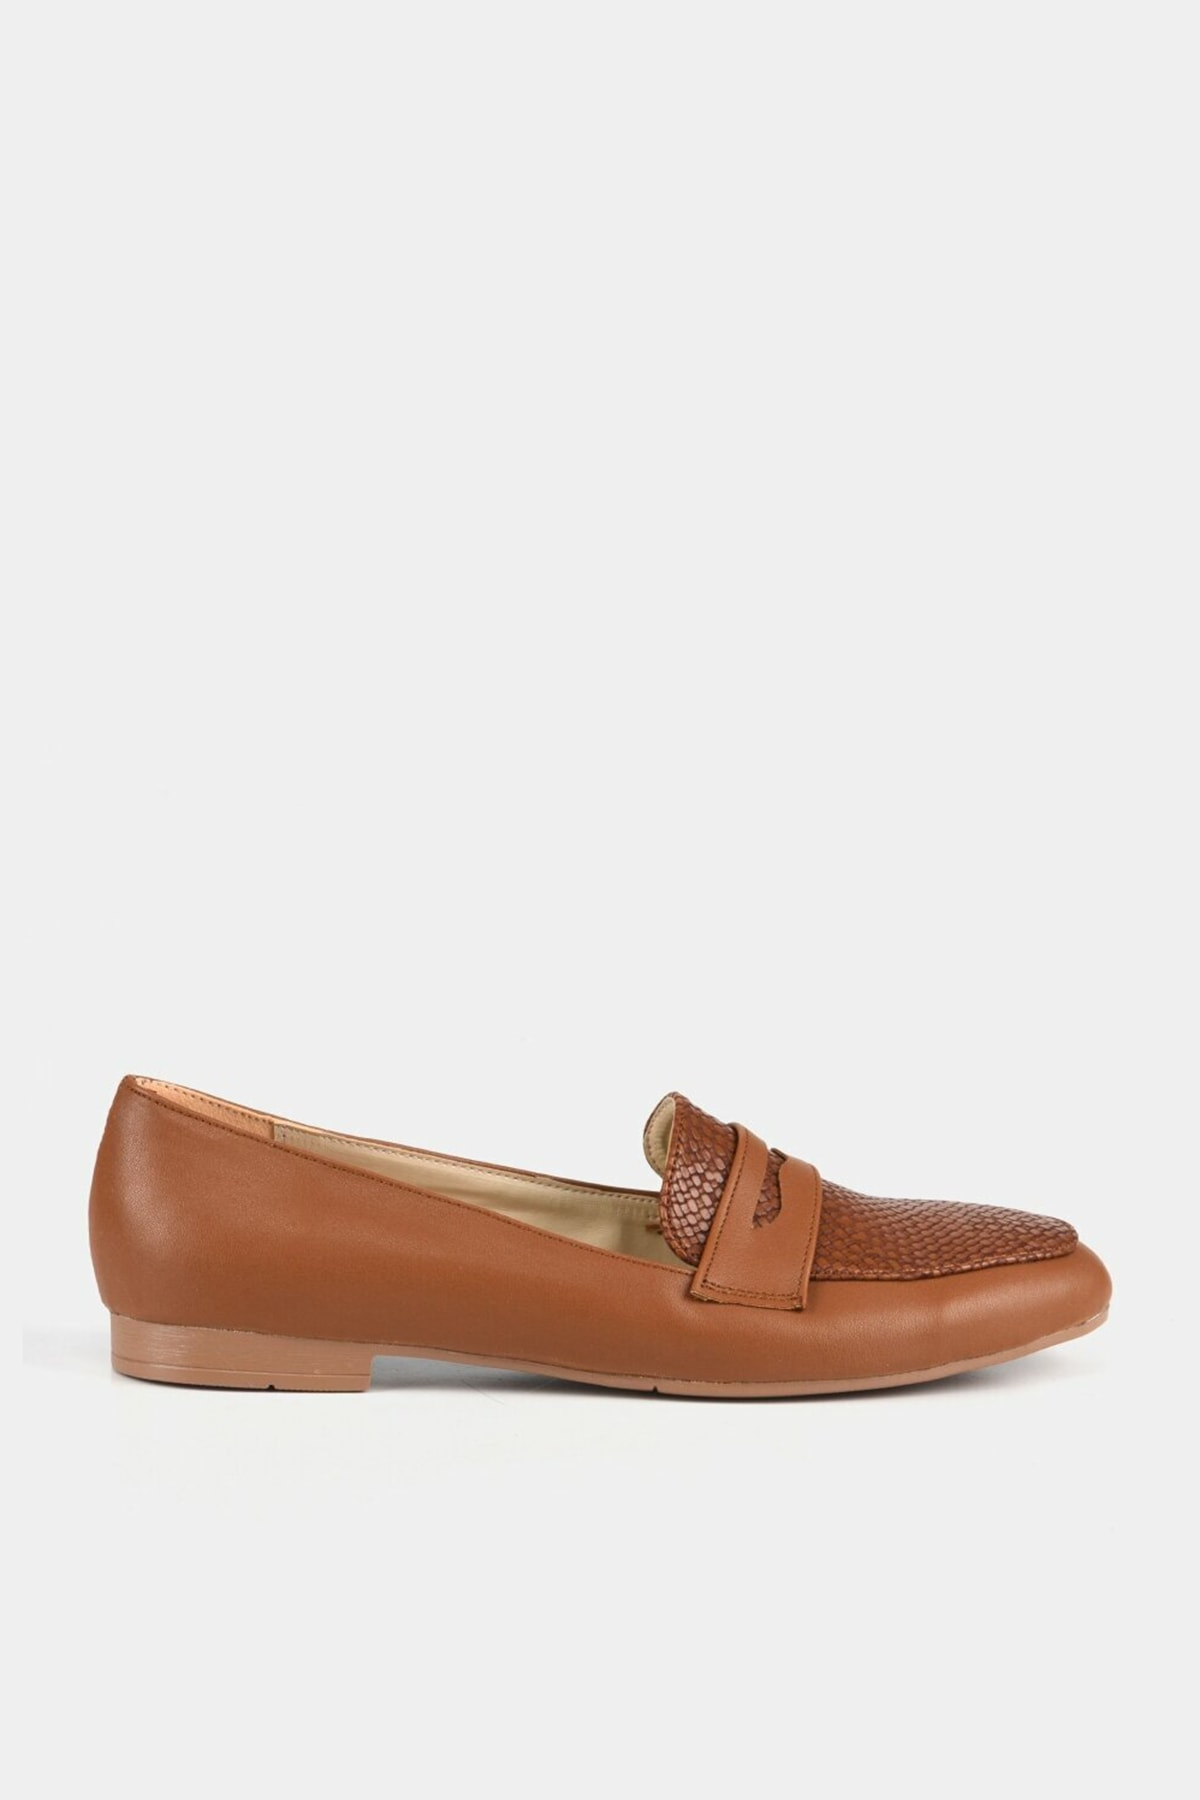 Hotiç Taba Kadın Ayakkabı